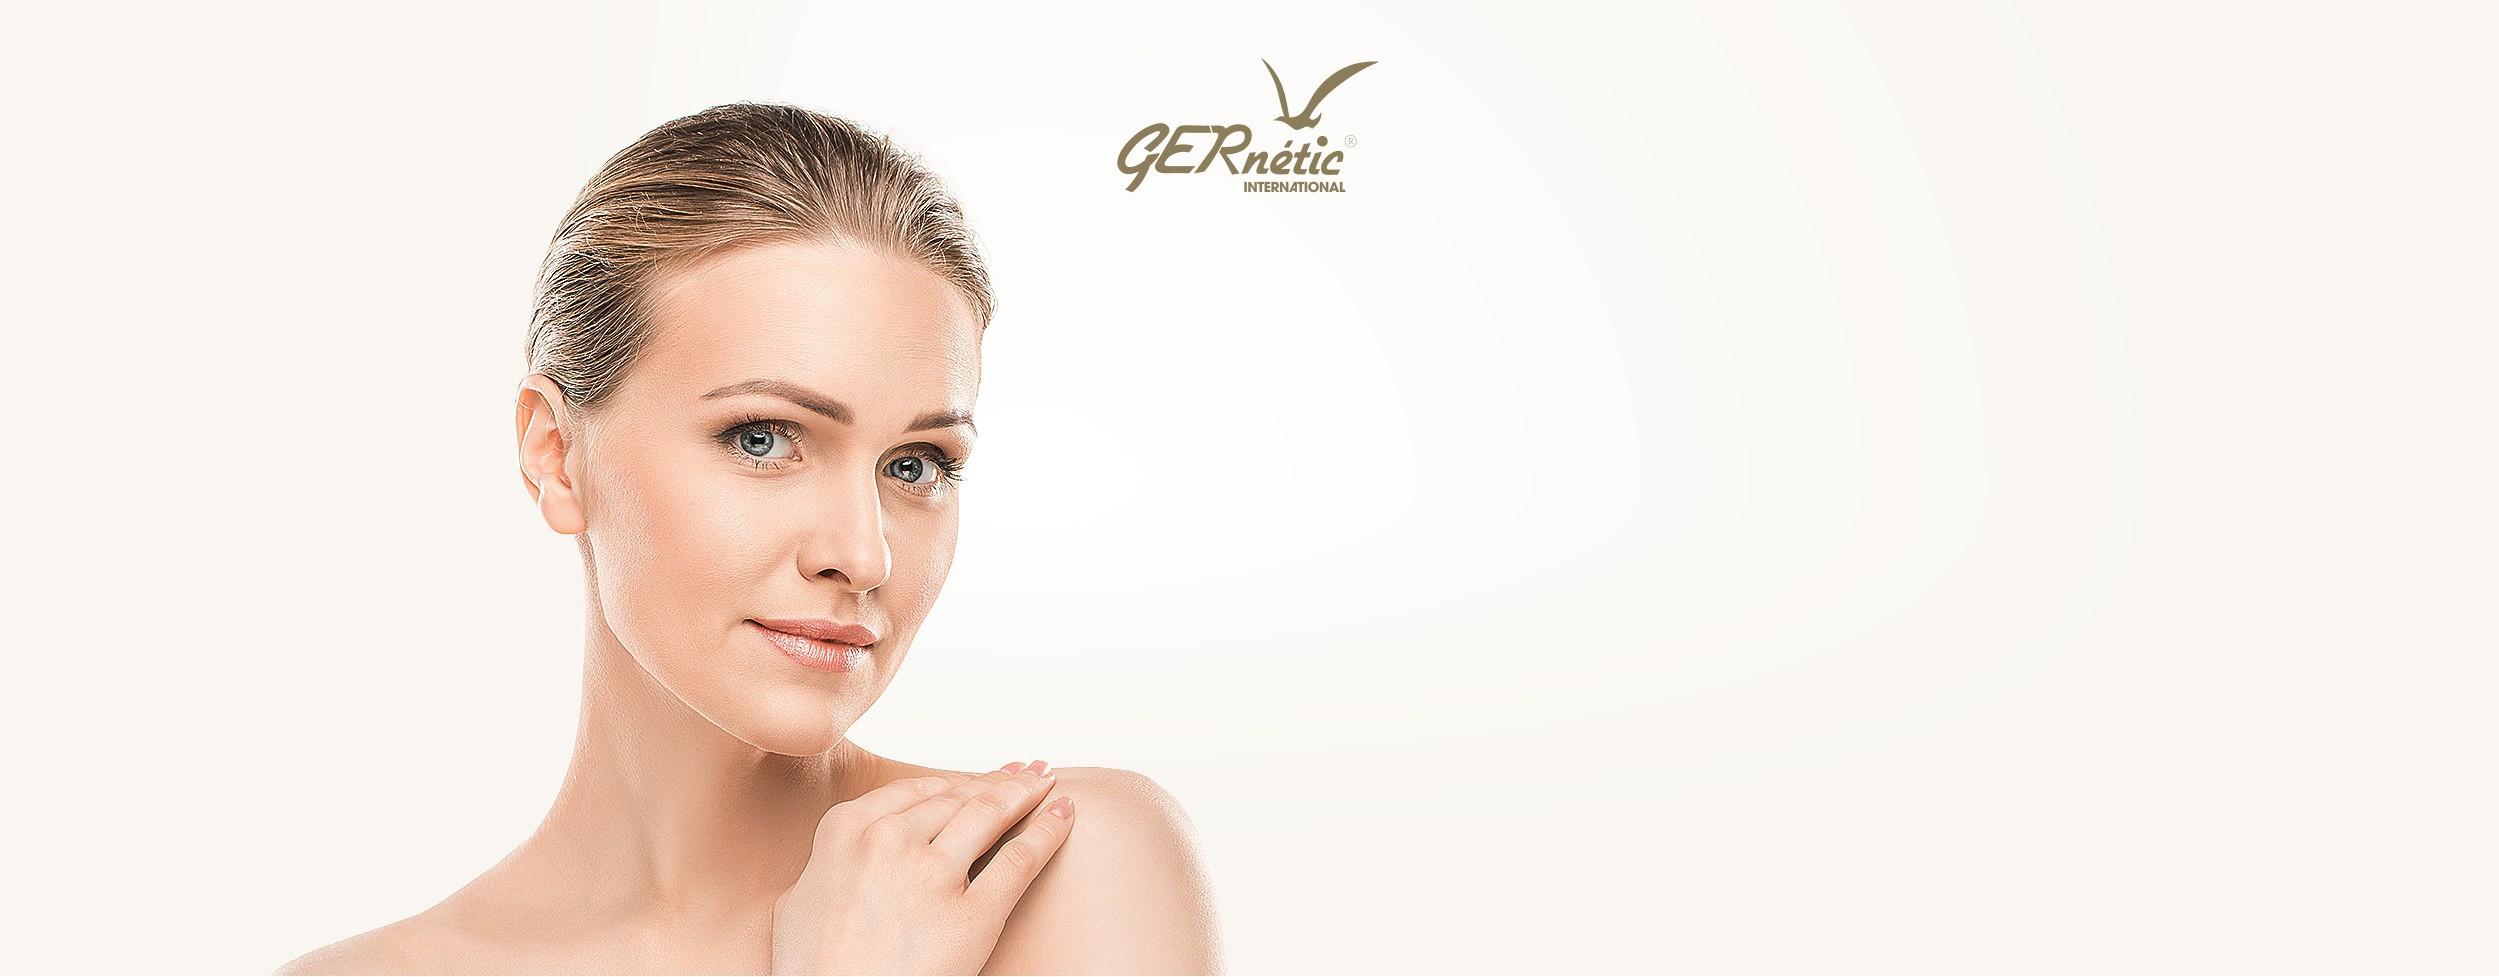 Το δέρμα καθρεπτίζει το εσωτερικό μας